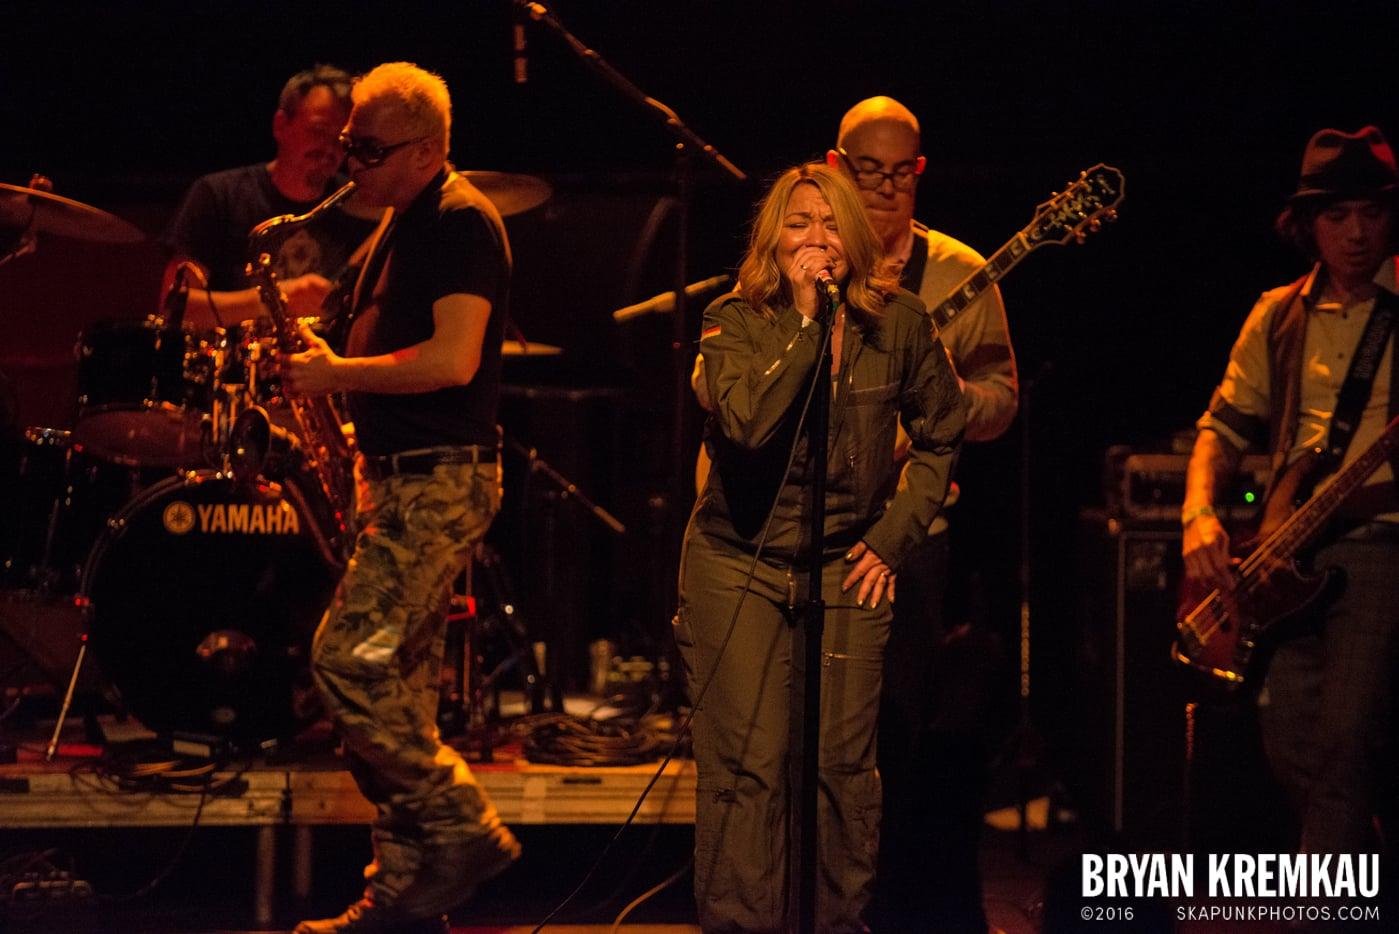 Metro Stylee @ Gramercy Theatre, NYC - 1.19.14 (5)